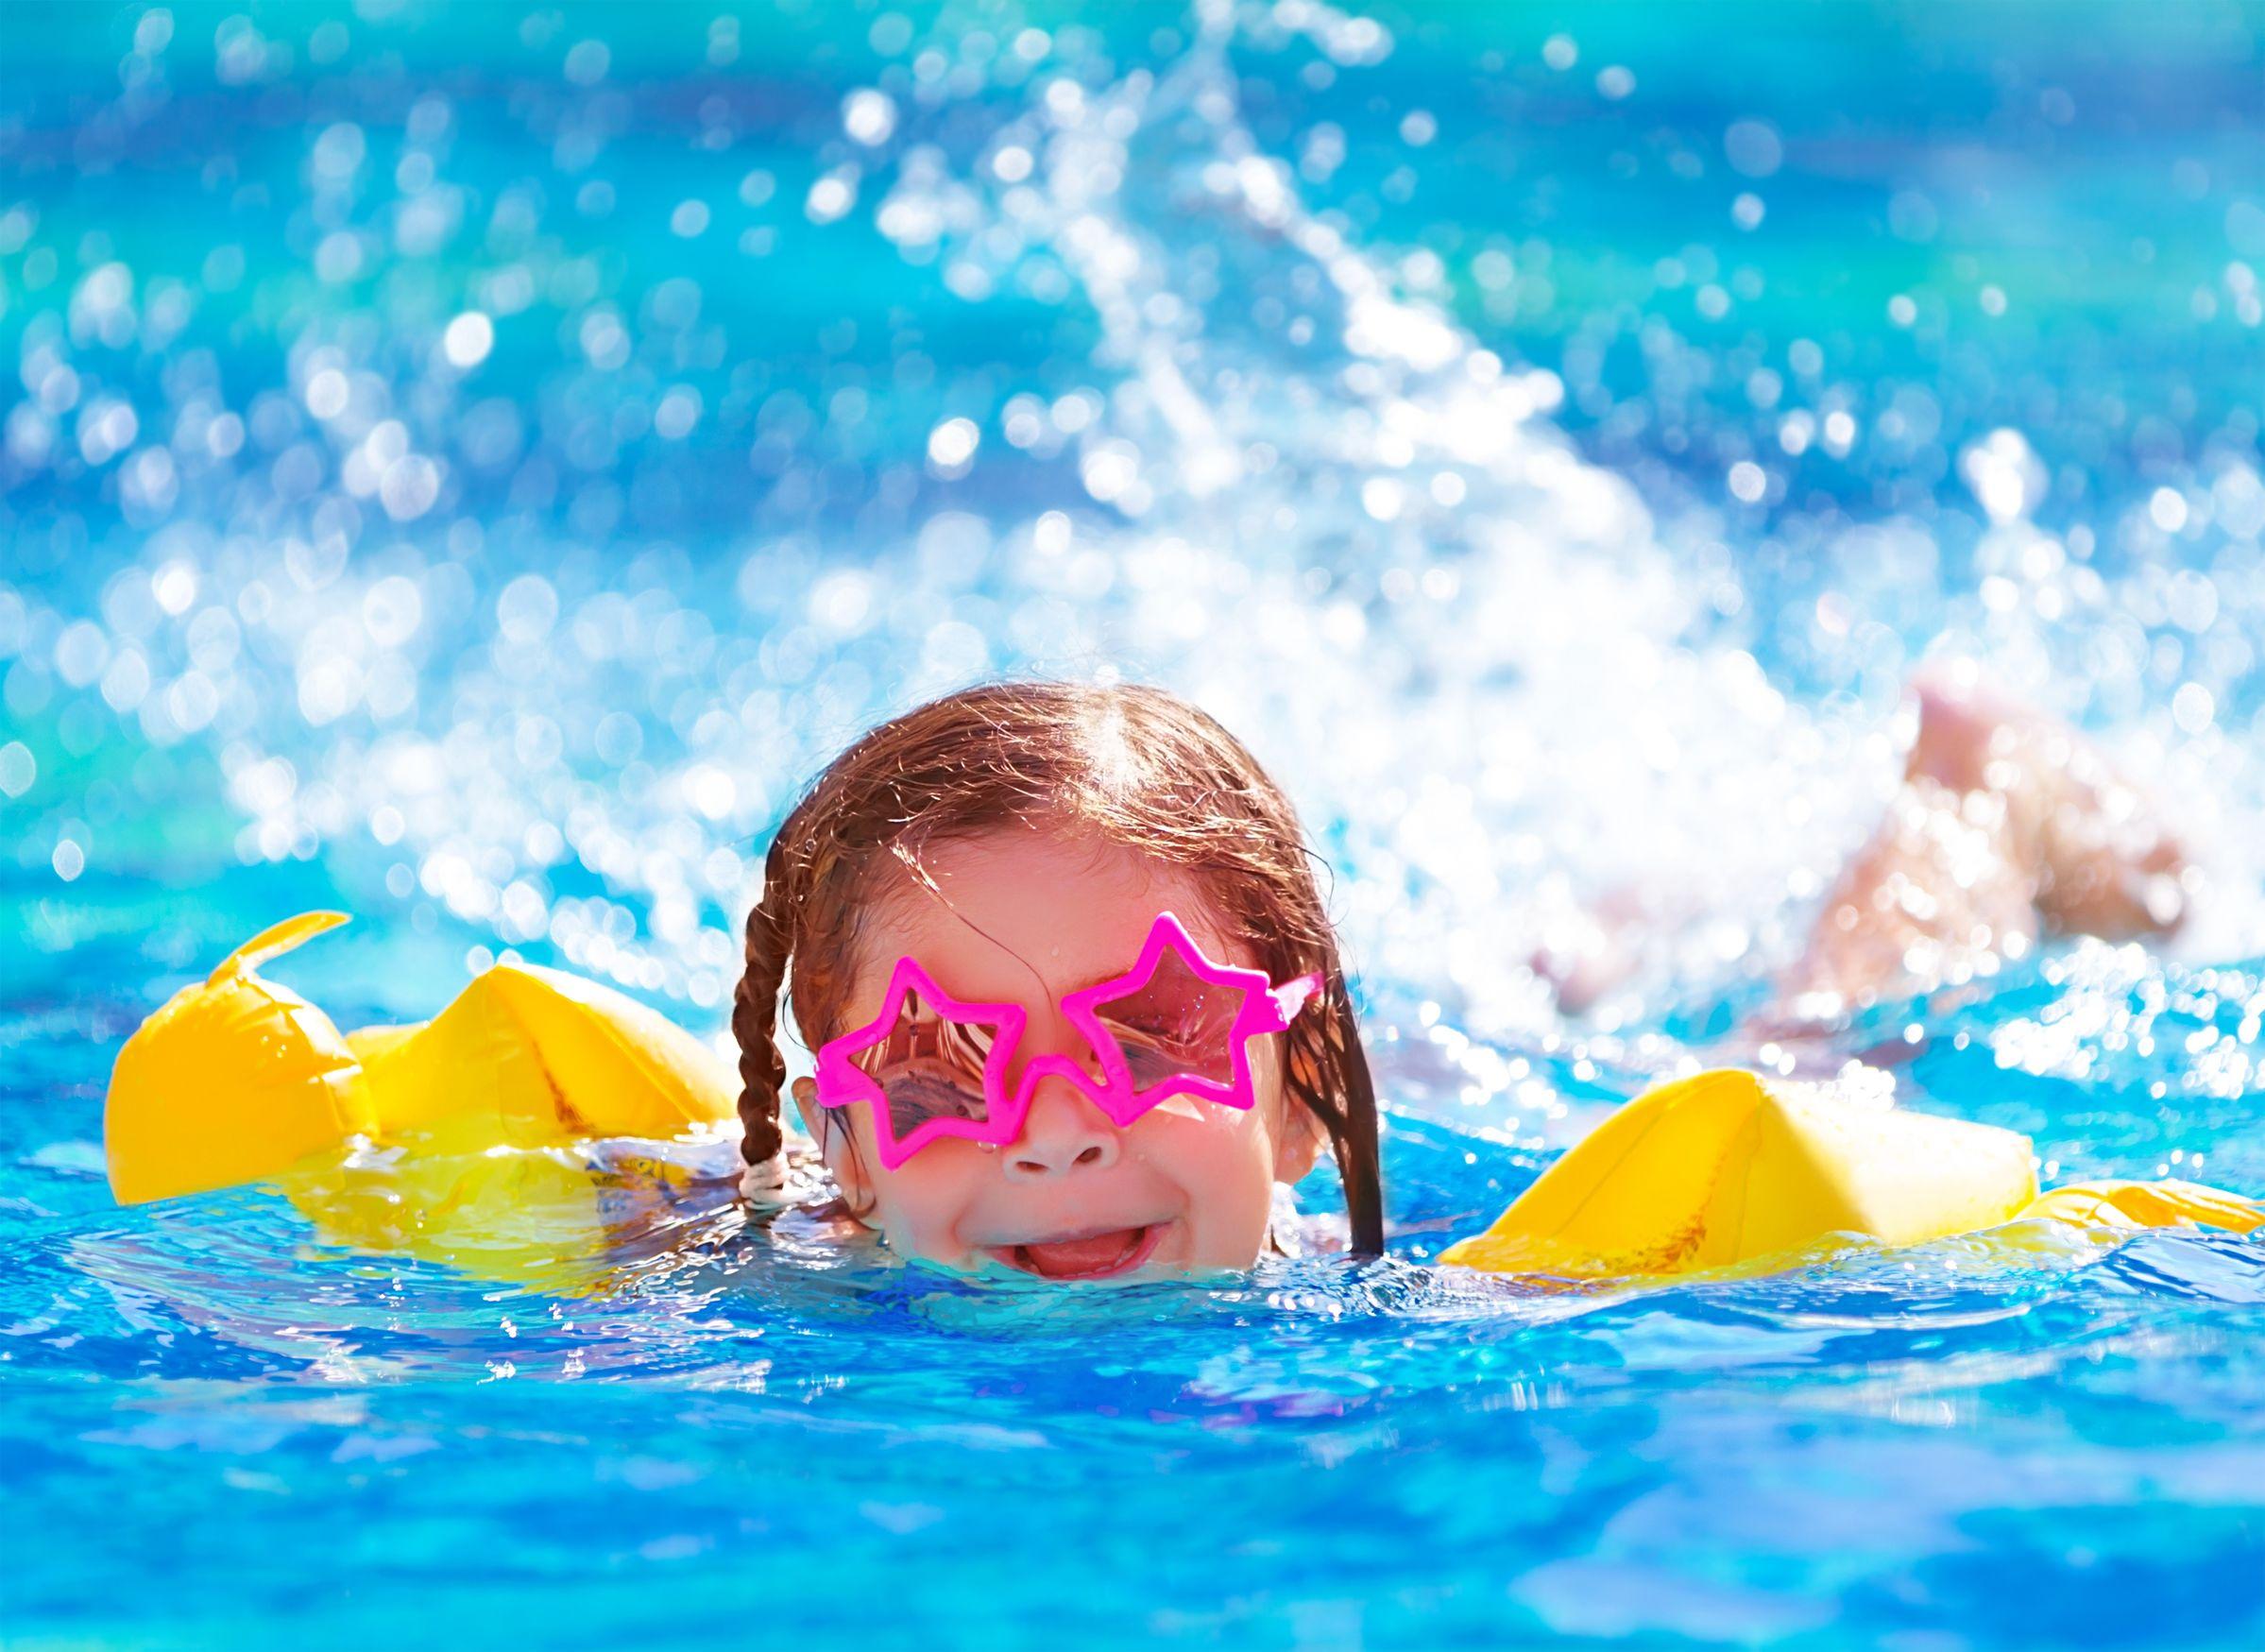 Accesorios de seguridad para niños en la piscina